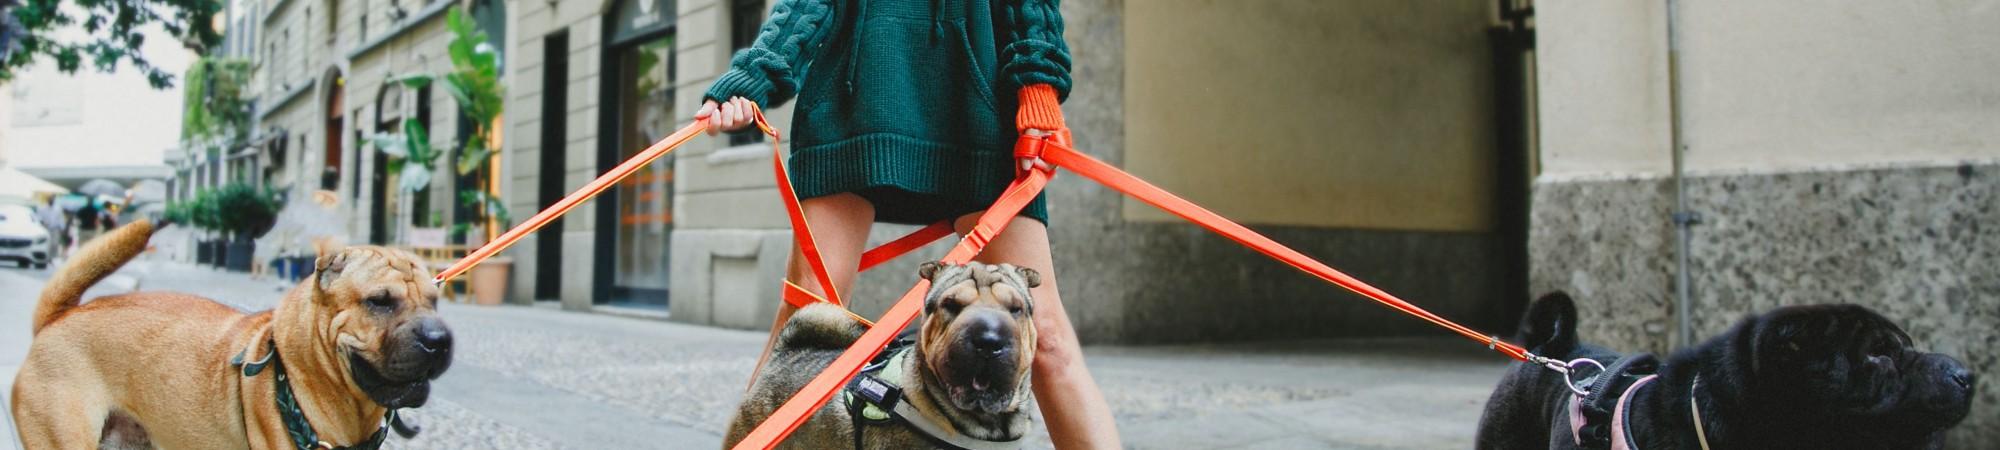 Virginia Varinelli lancia il suo marchio di moda